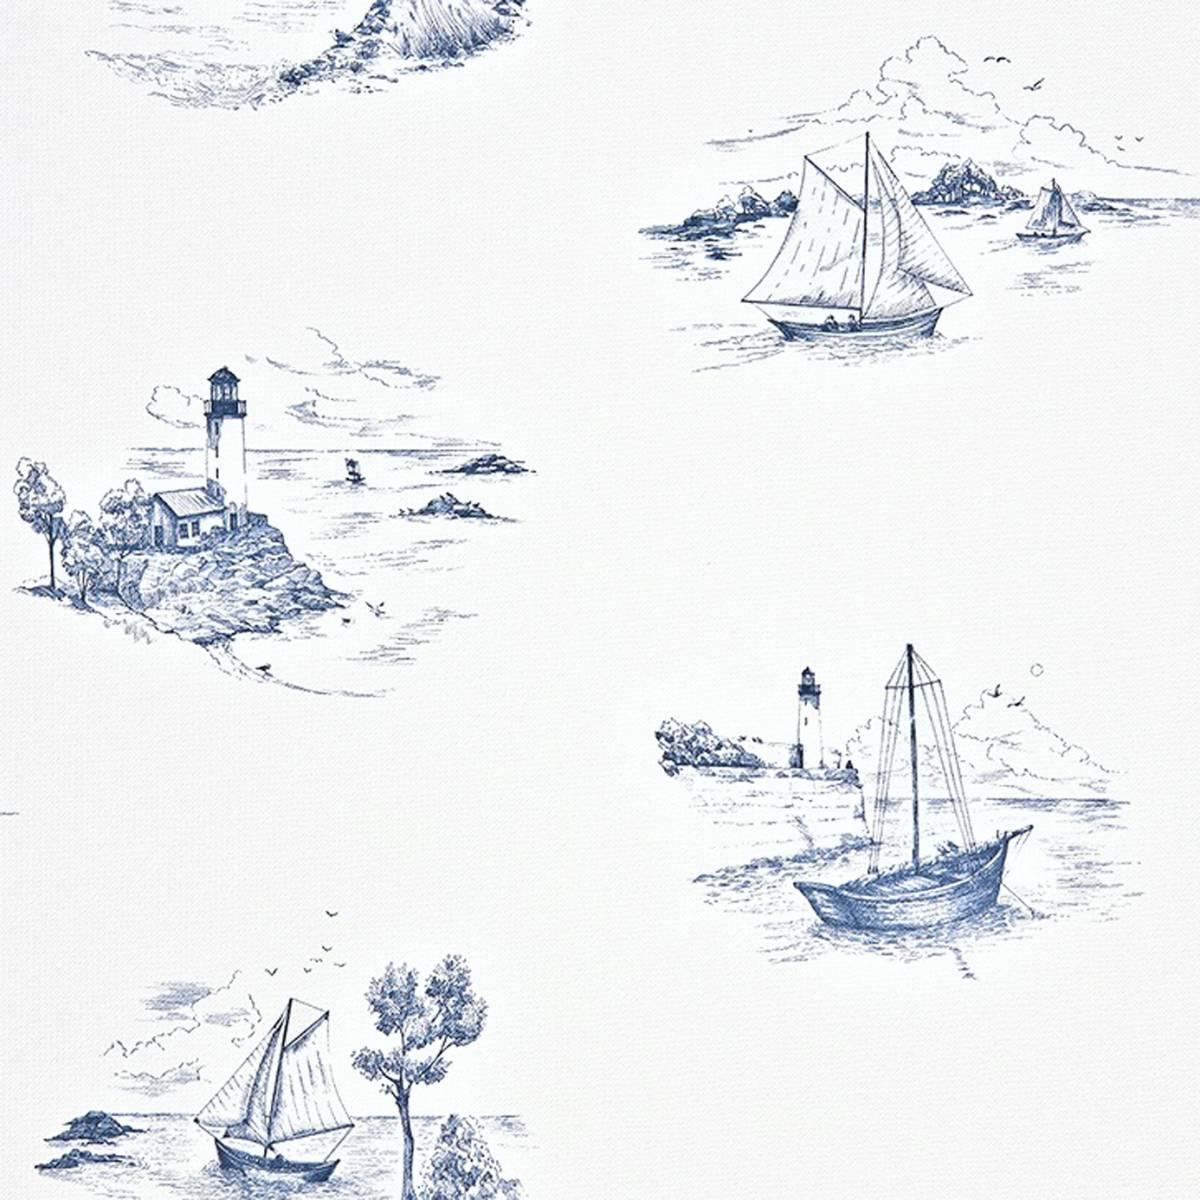 Toile de jouy wallpaper blue 25076131 casadeco - Papel pintado toile de jouy ...